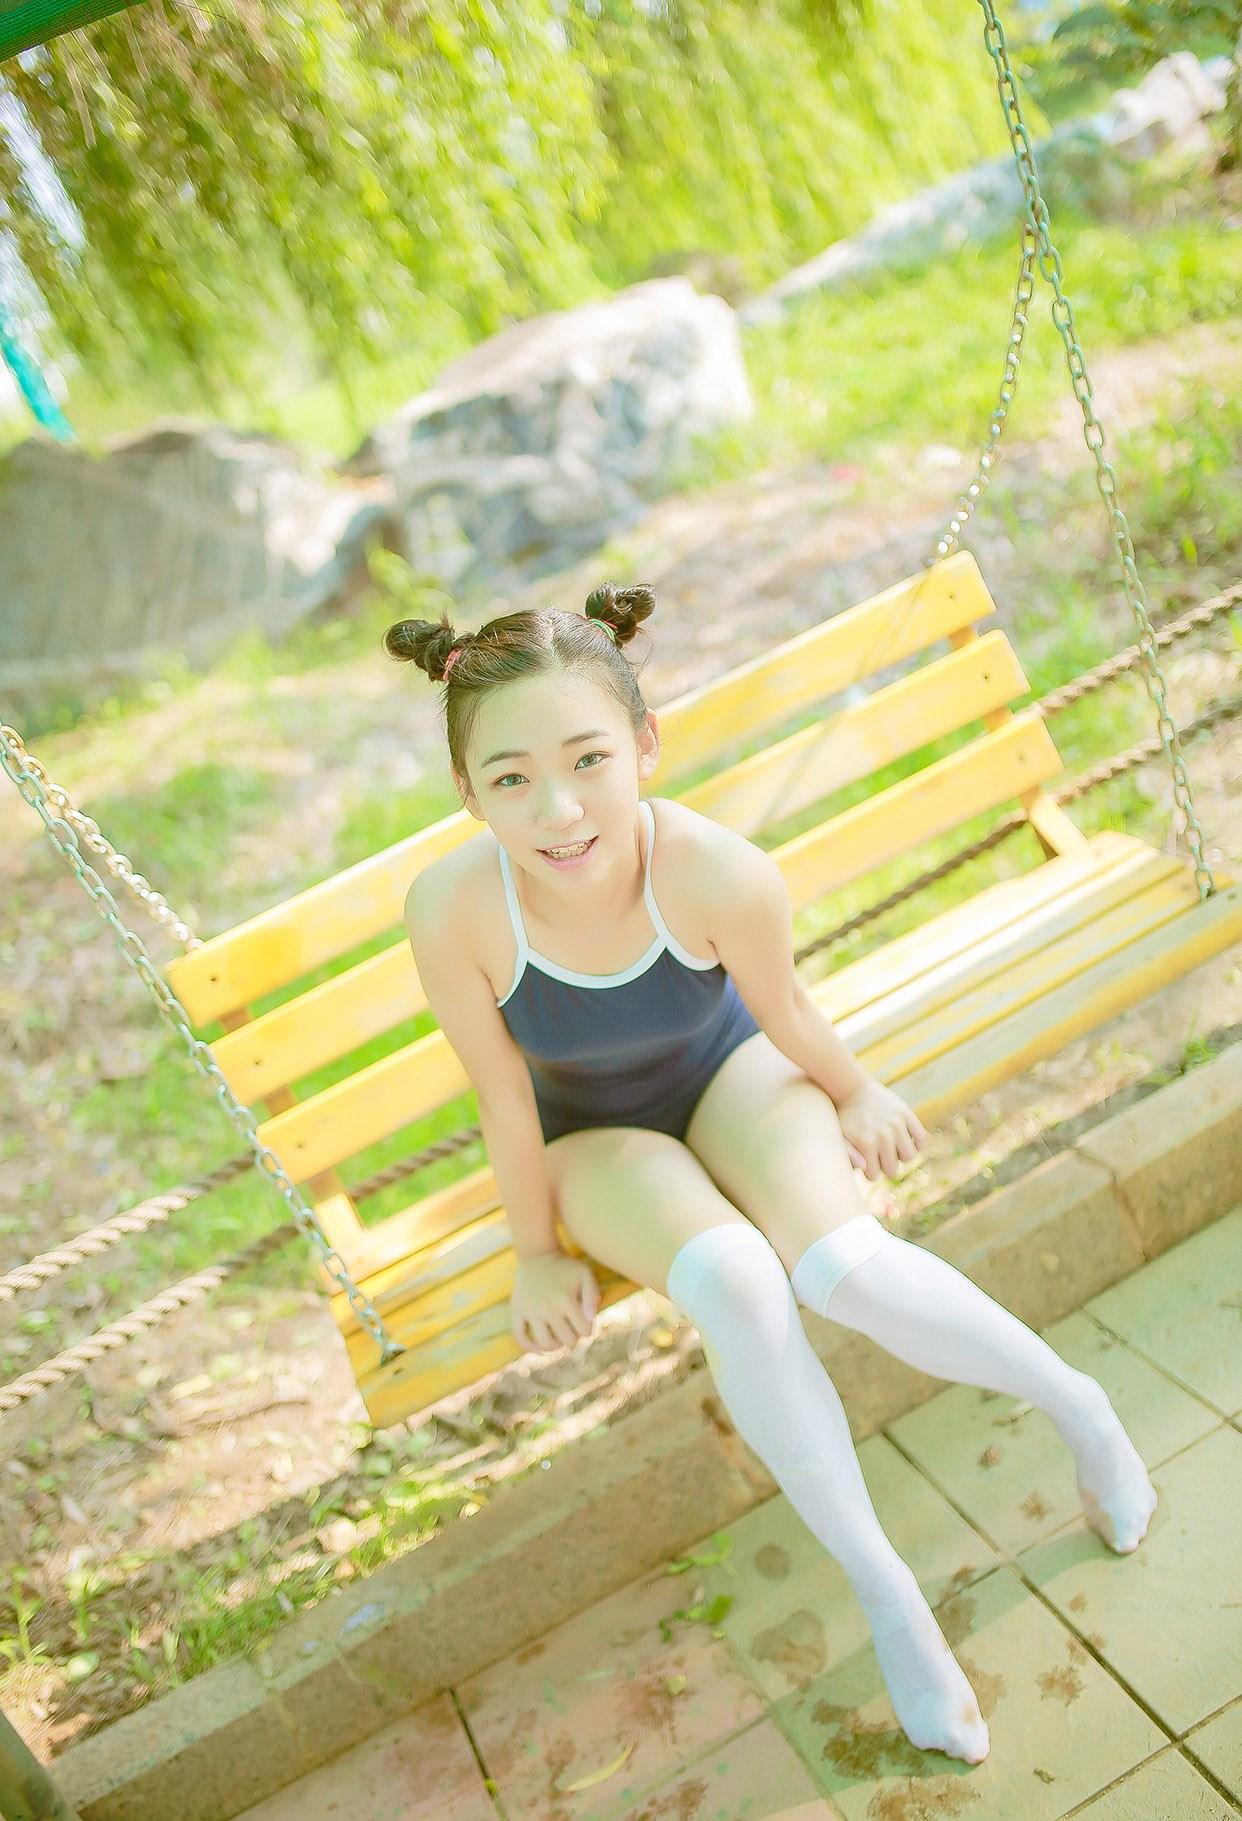 【兔玩映画】甜甜的小萝莉 兔玩映画 第27张